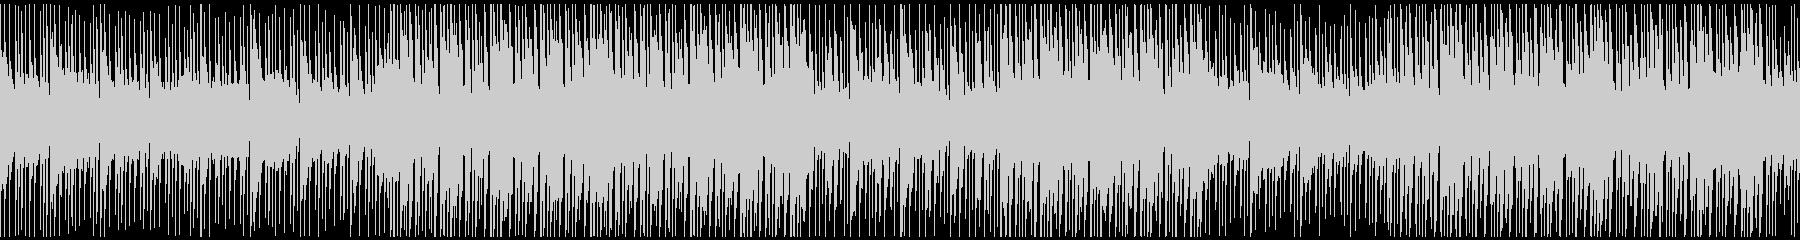 落ち着きのあるエレクトロBGMループの未再生の波形